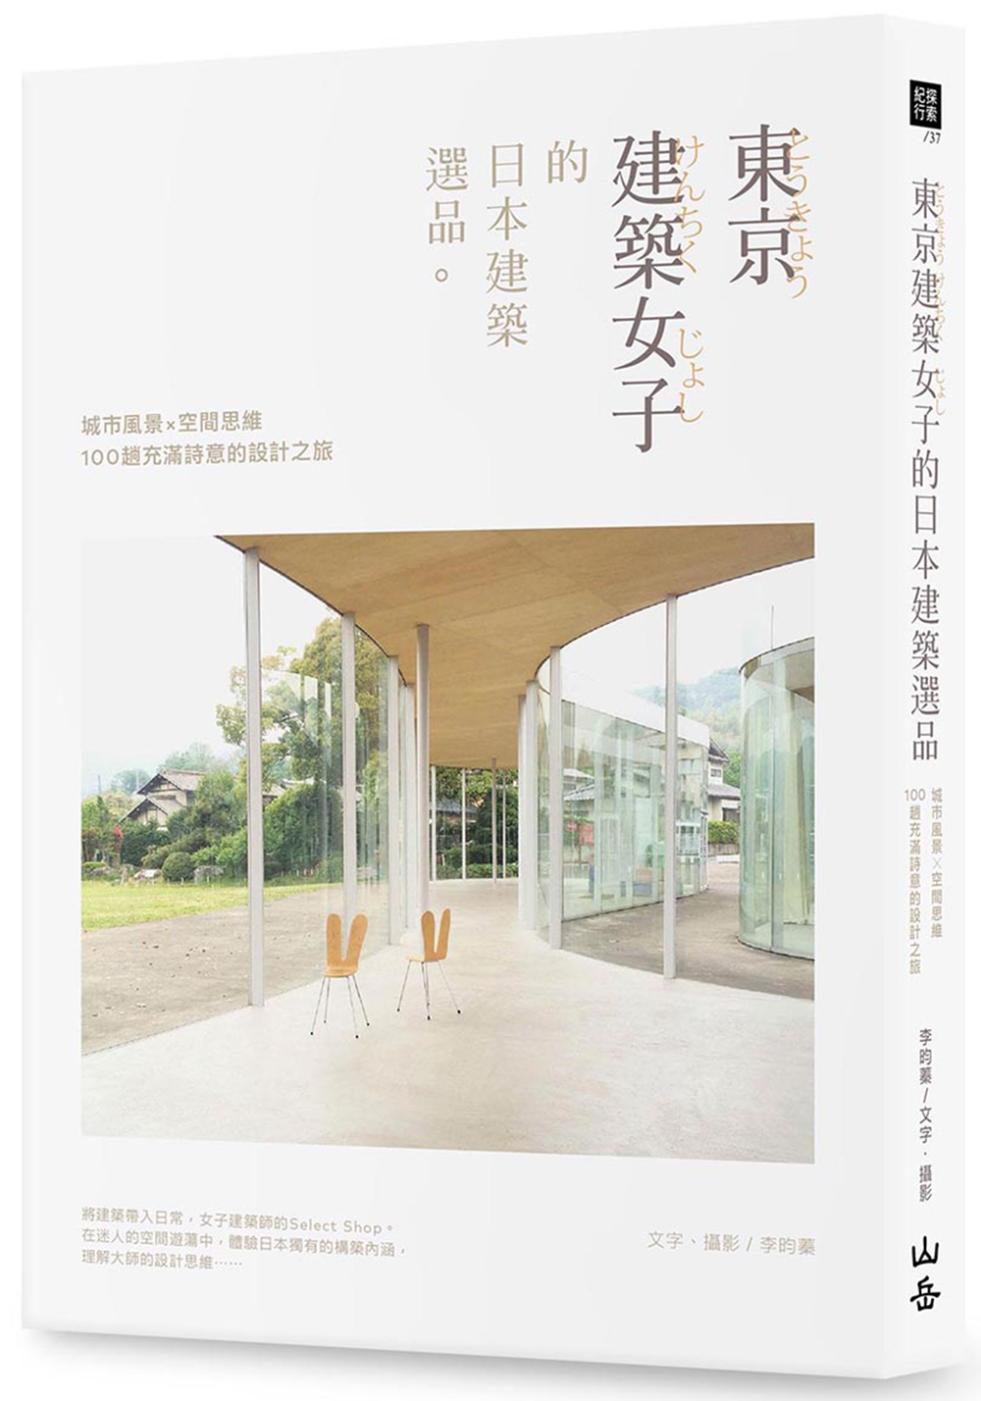 東京建築女子的日本建築選品:城市風景×空間思維,100趟充滿詩意的設計之旅